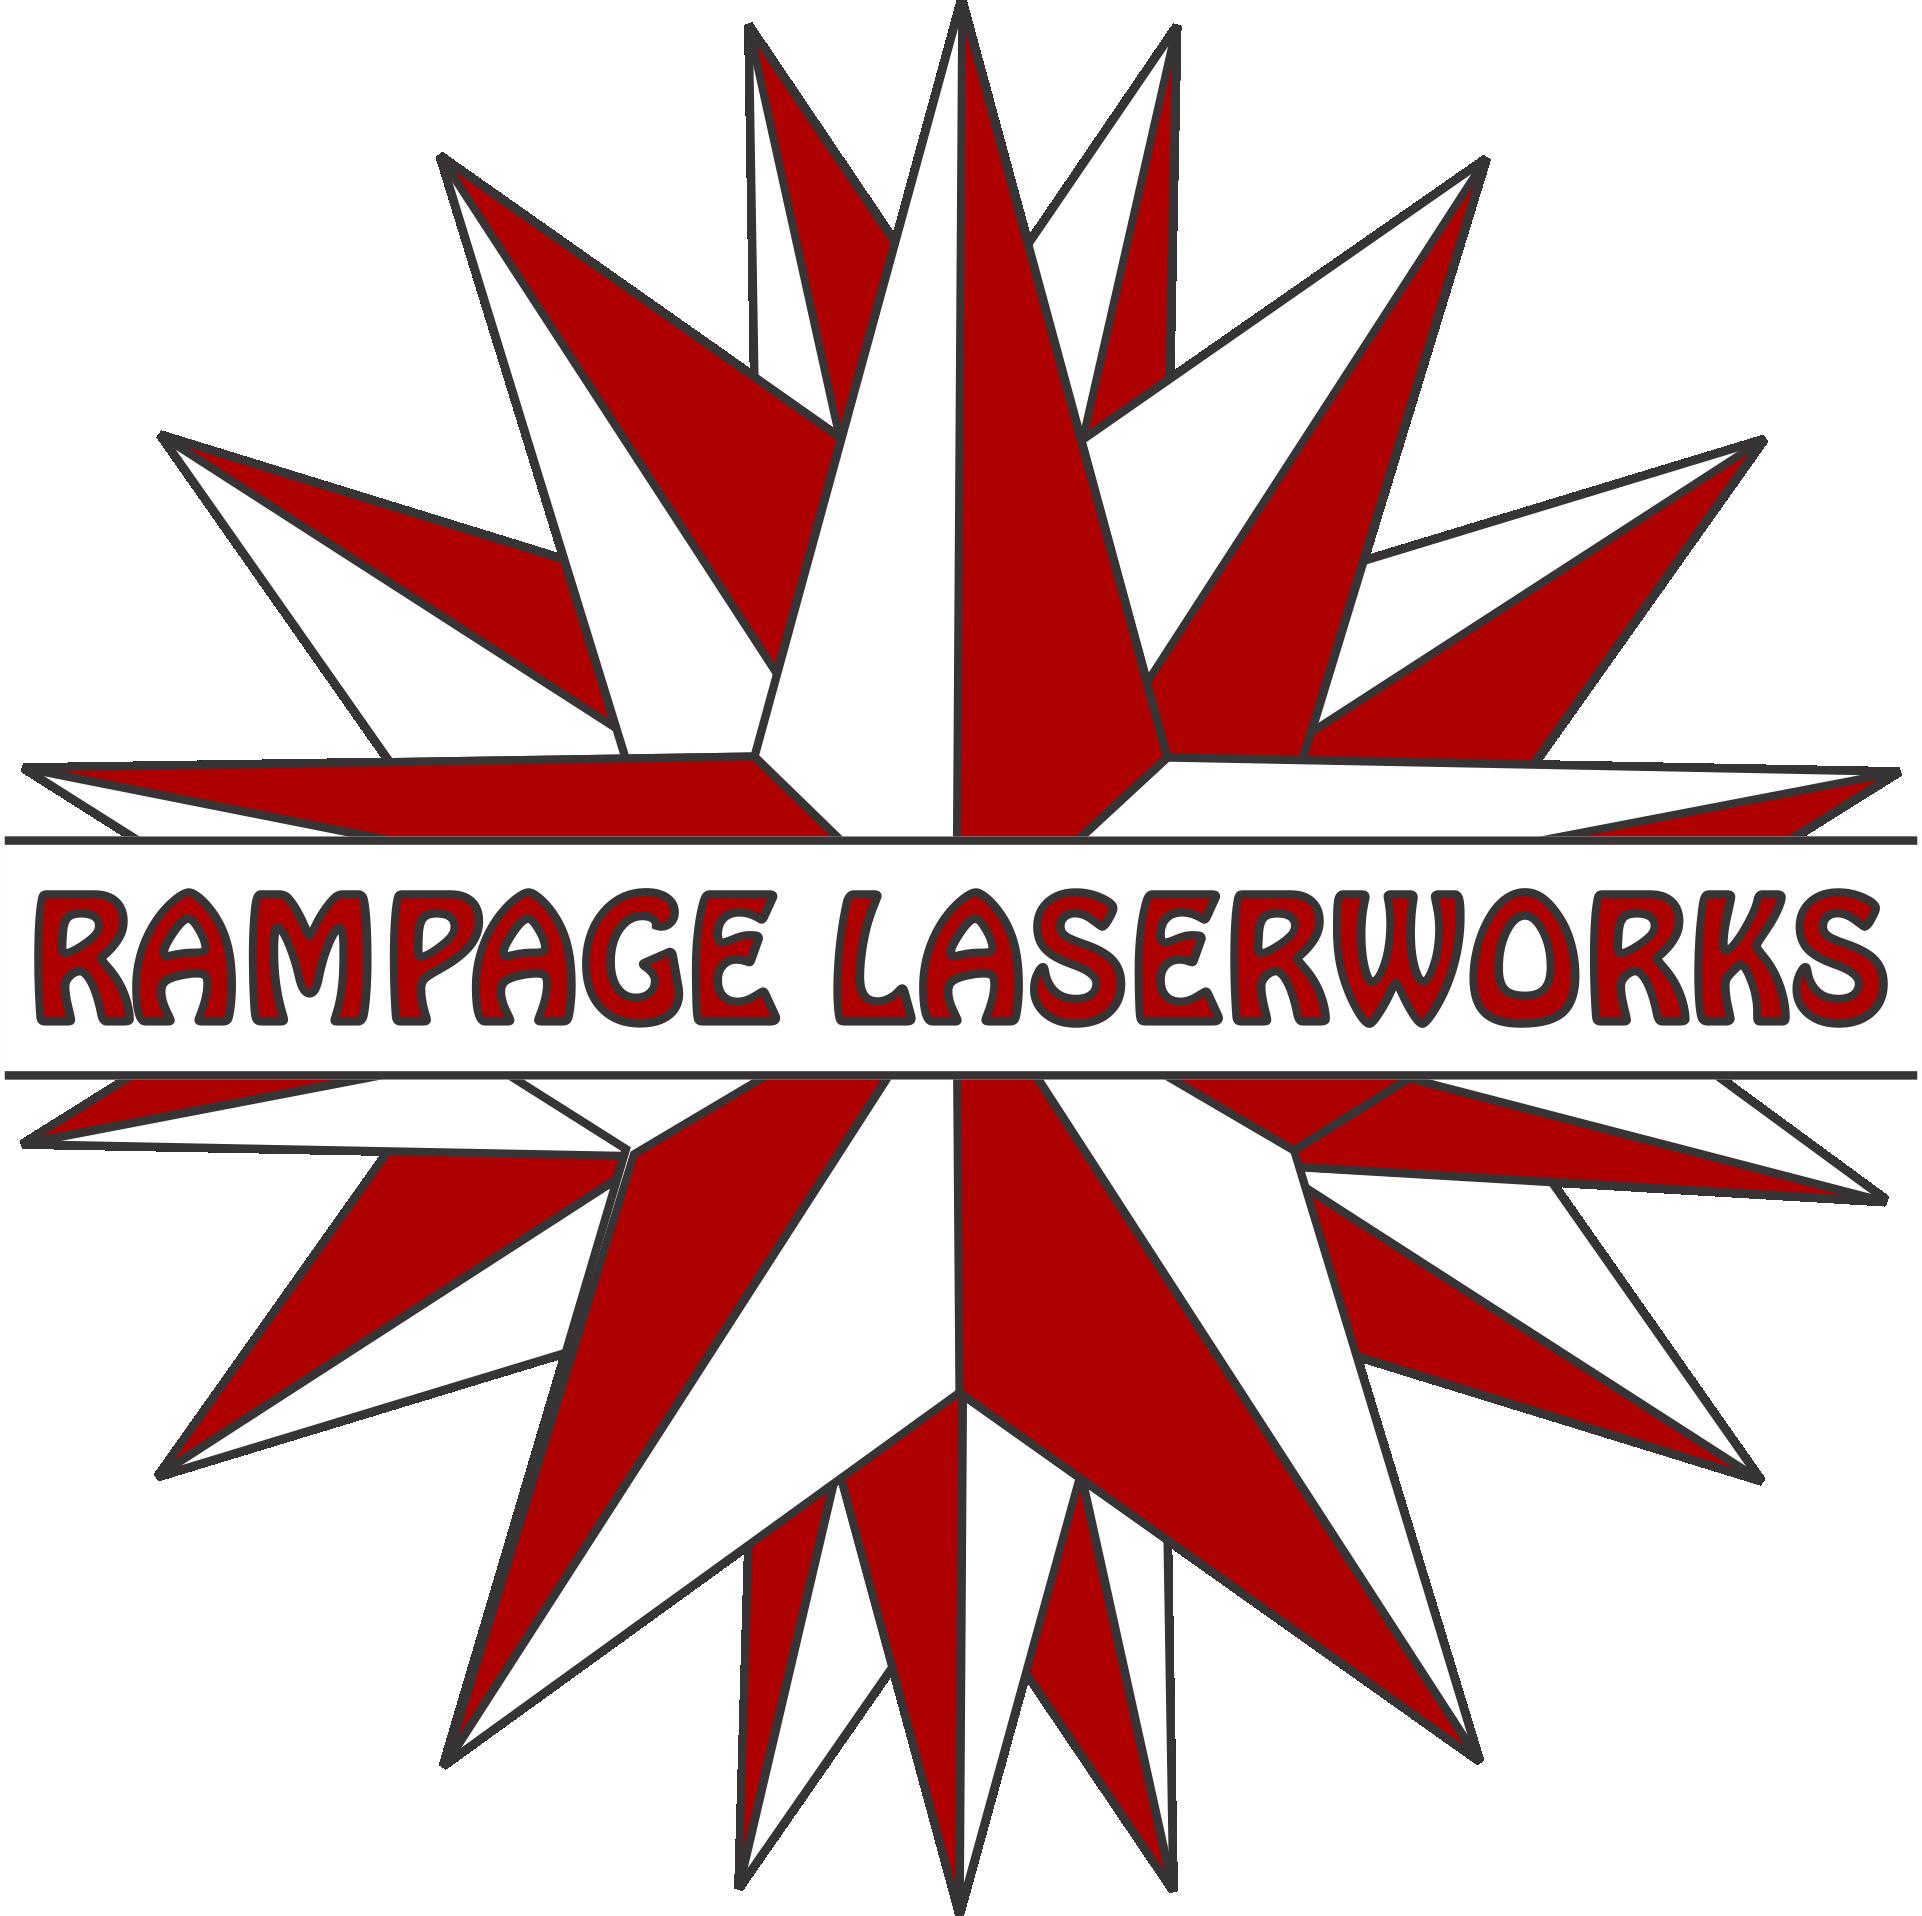 Rampage Laserworks